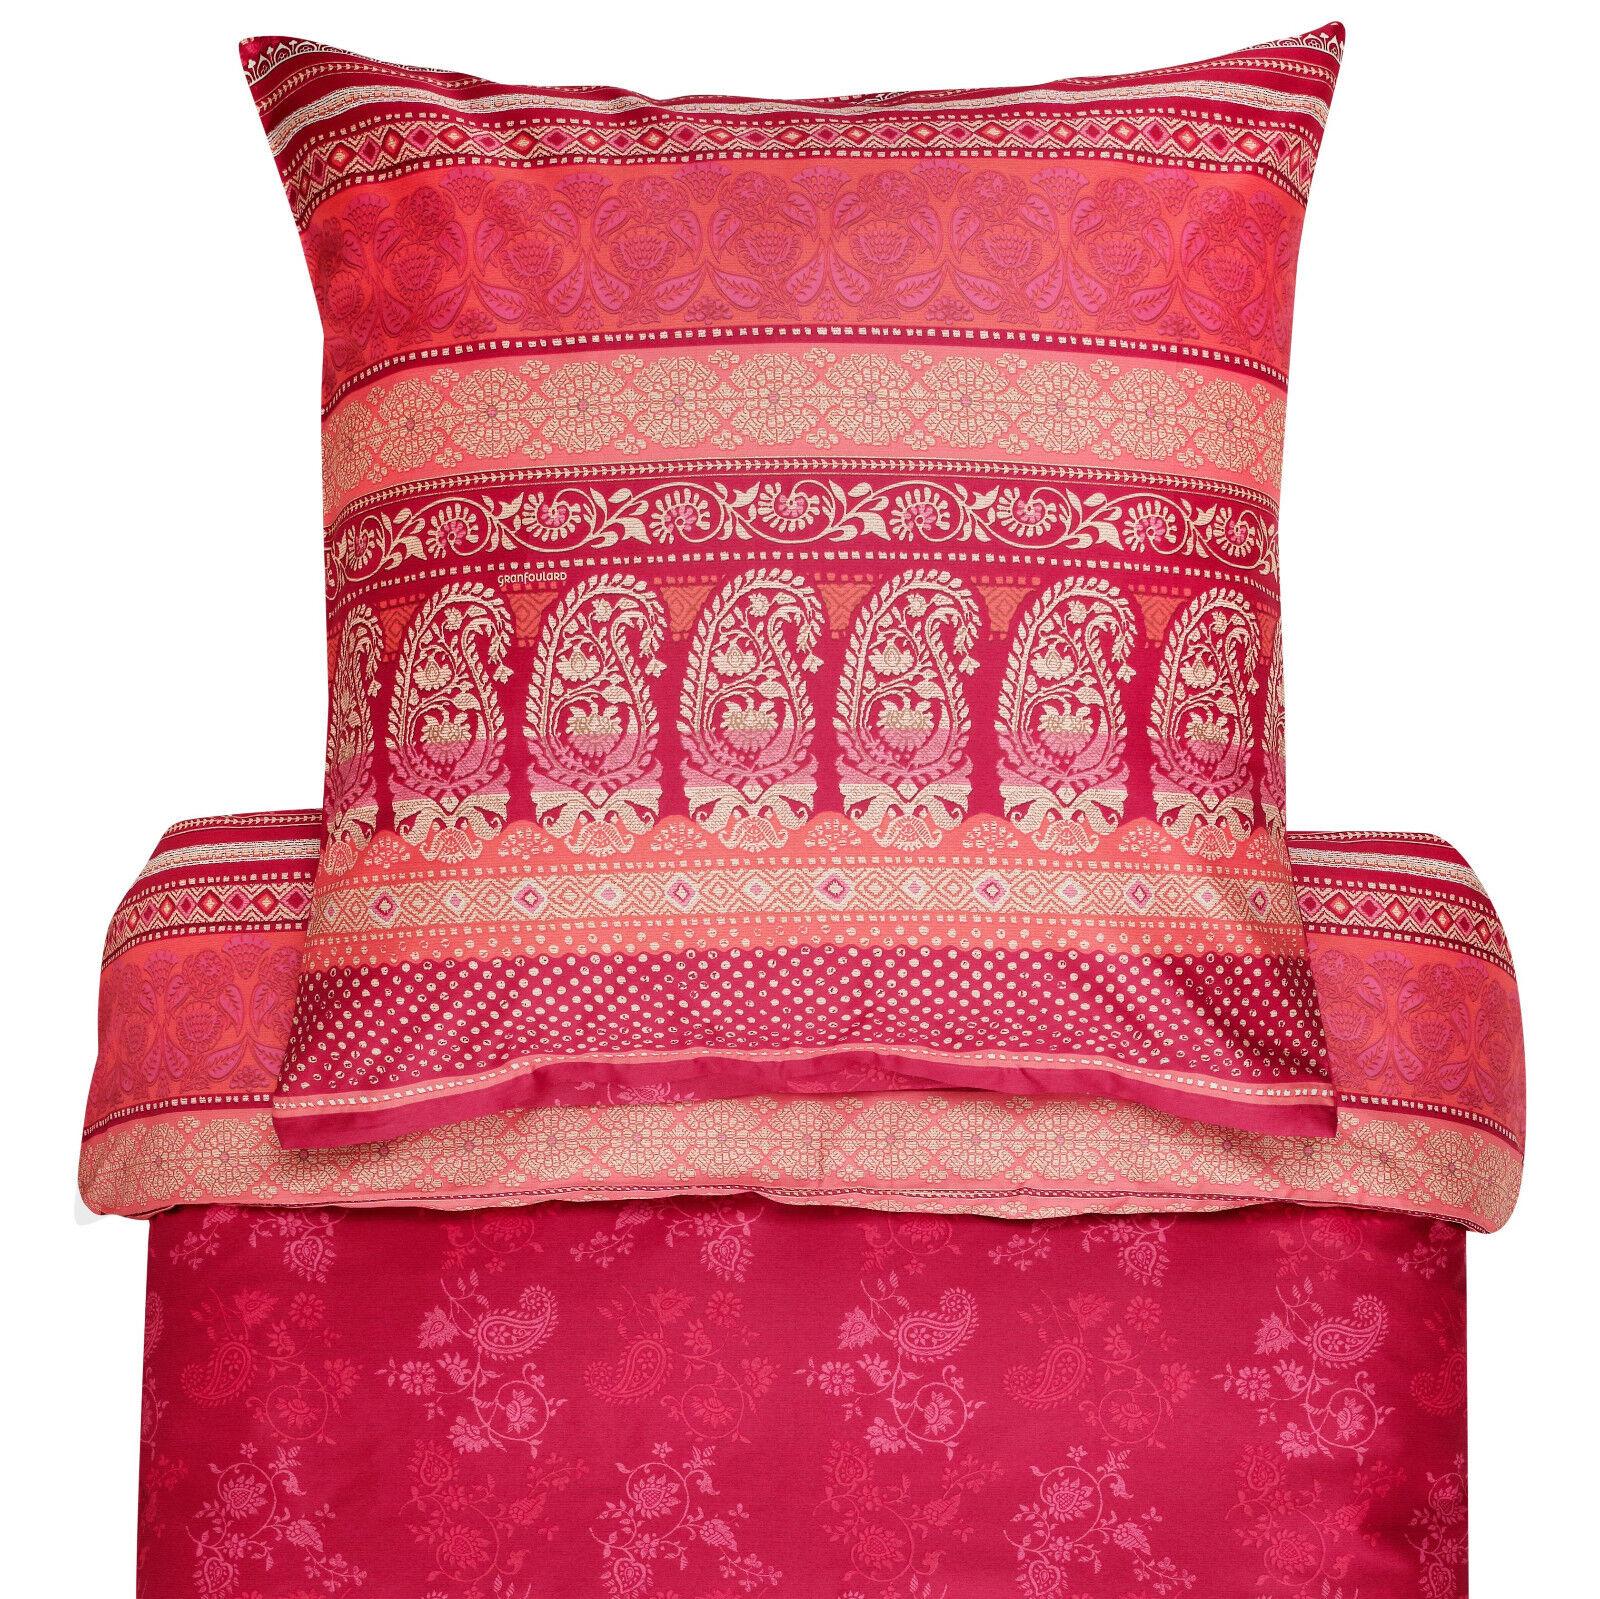 Bassetti biancheria da letto o rosa Federa   Monte rosa o v1 a11e51